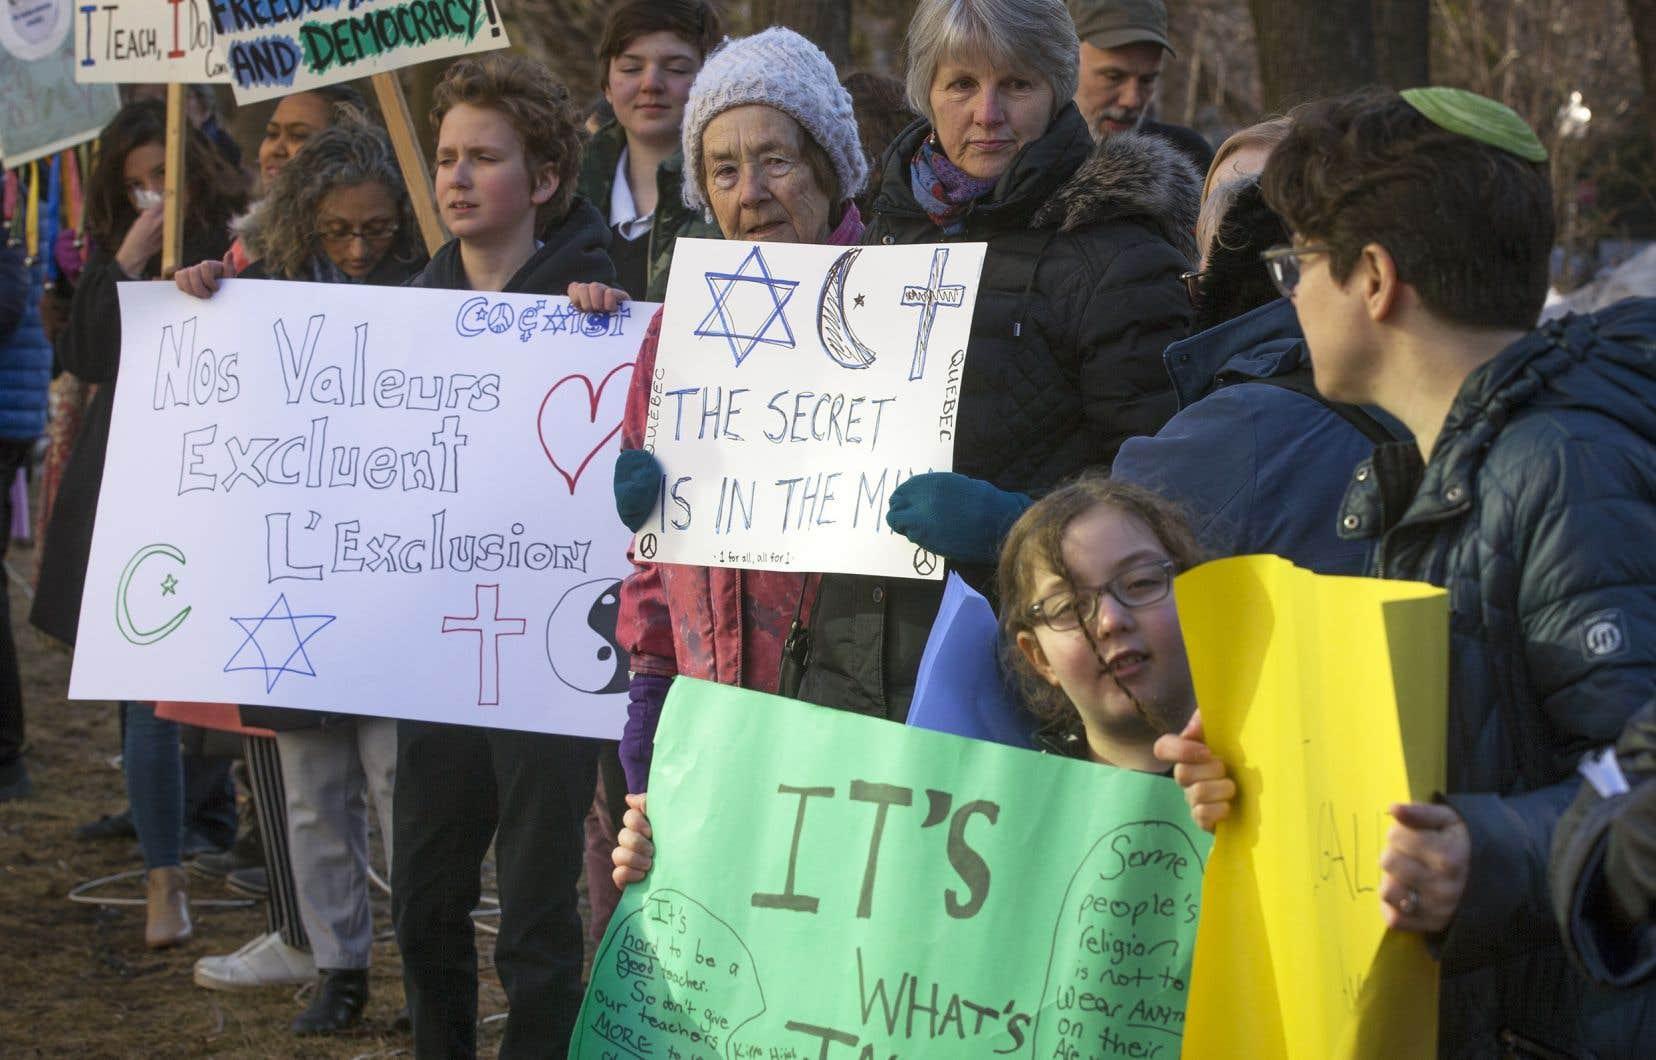 Une manifestation contre le projet de loi 21 sur la laïcité a été tenue au mois d'avril dernier.